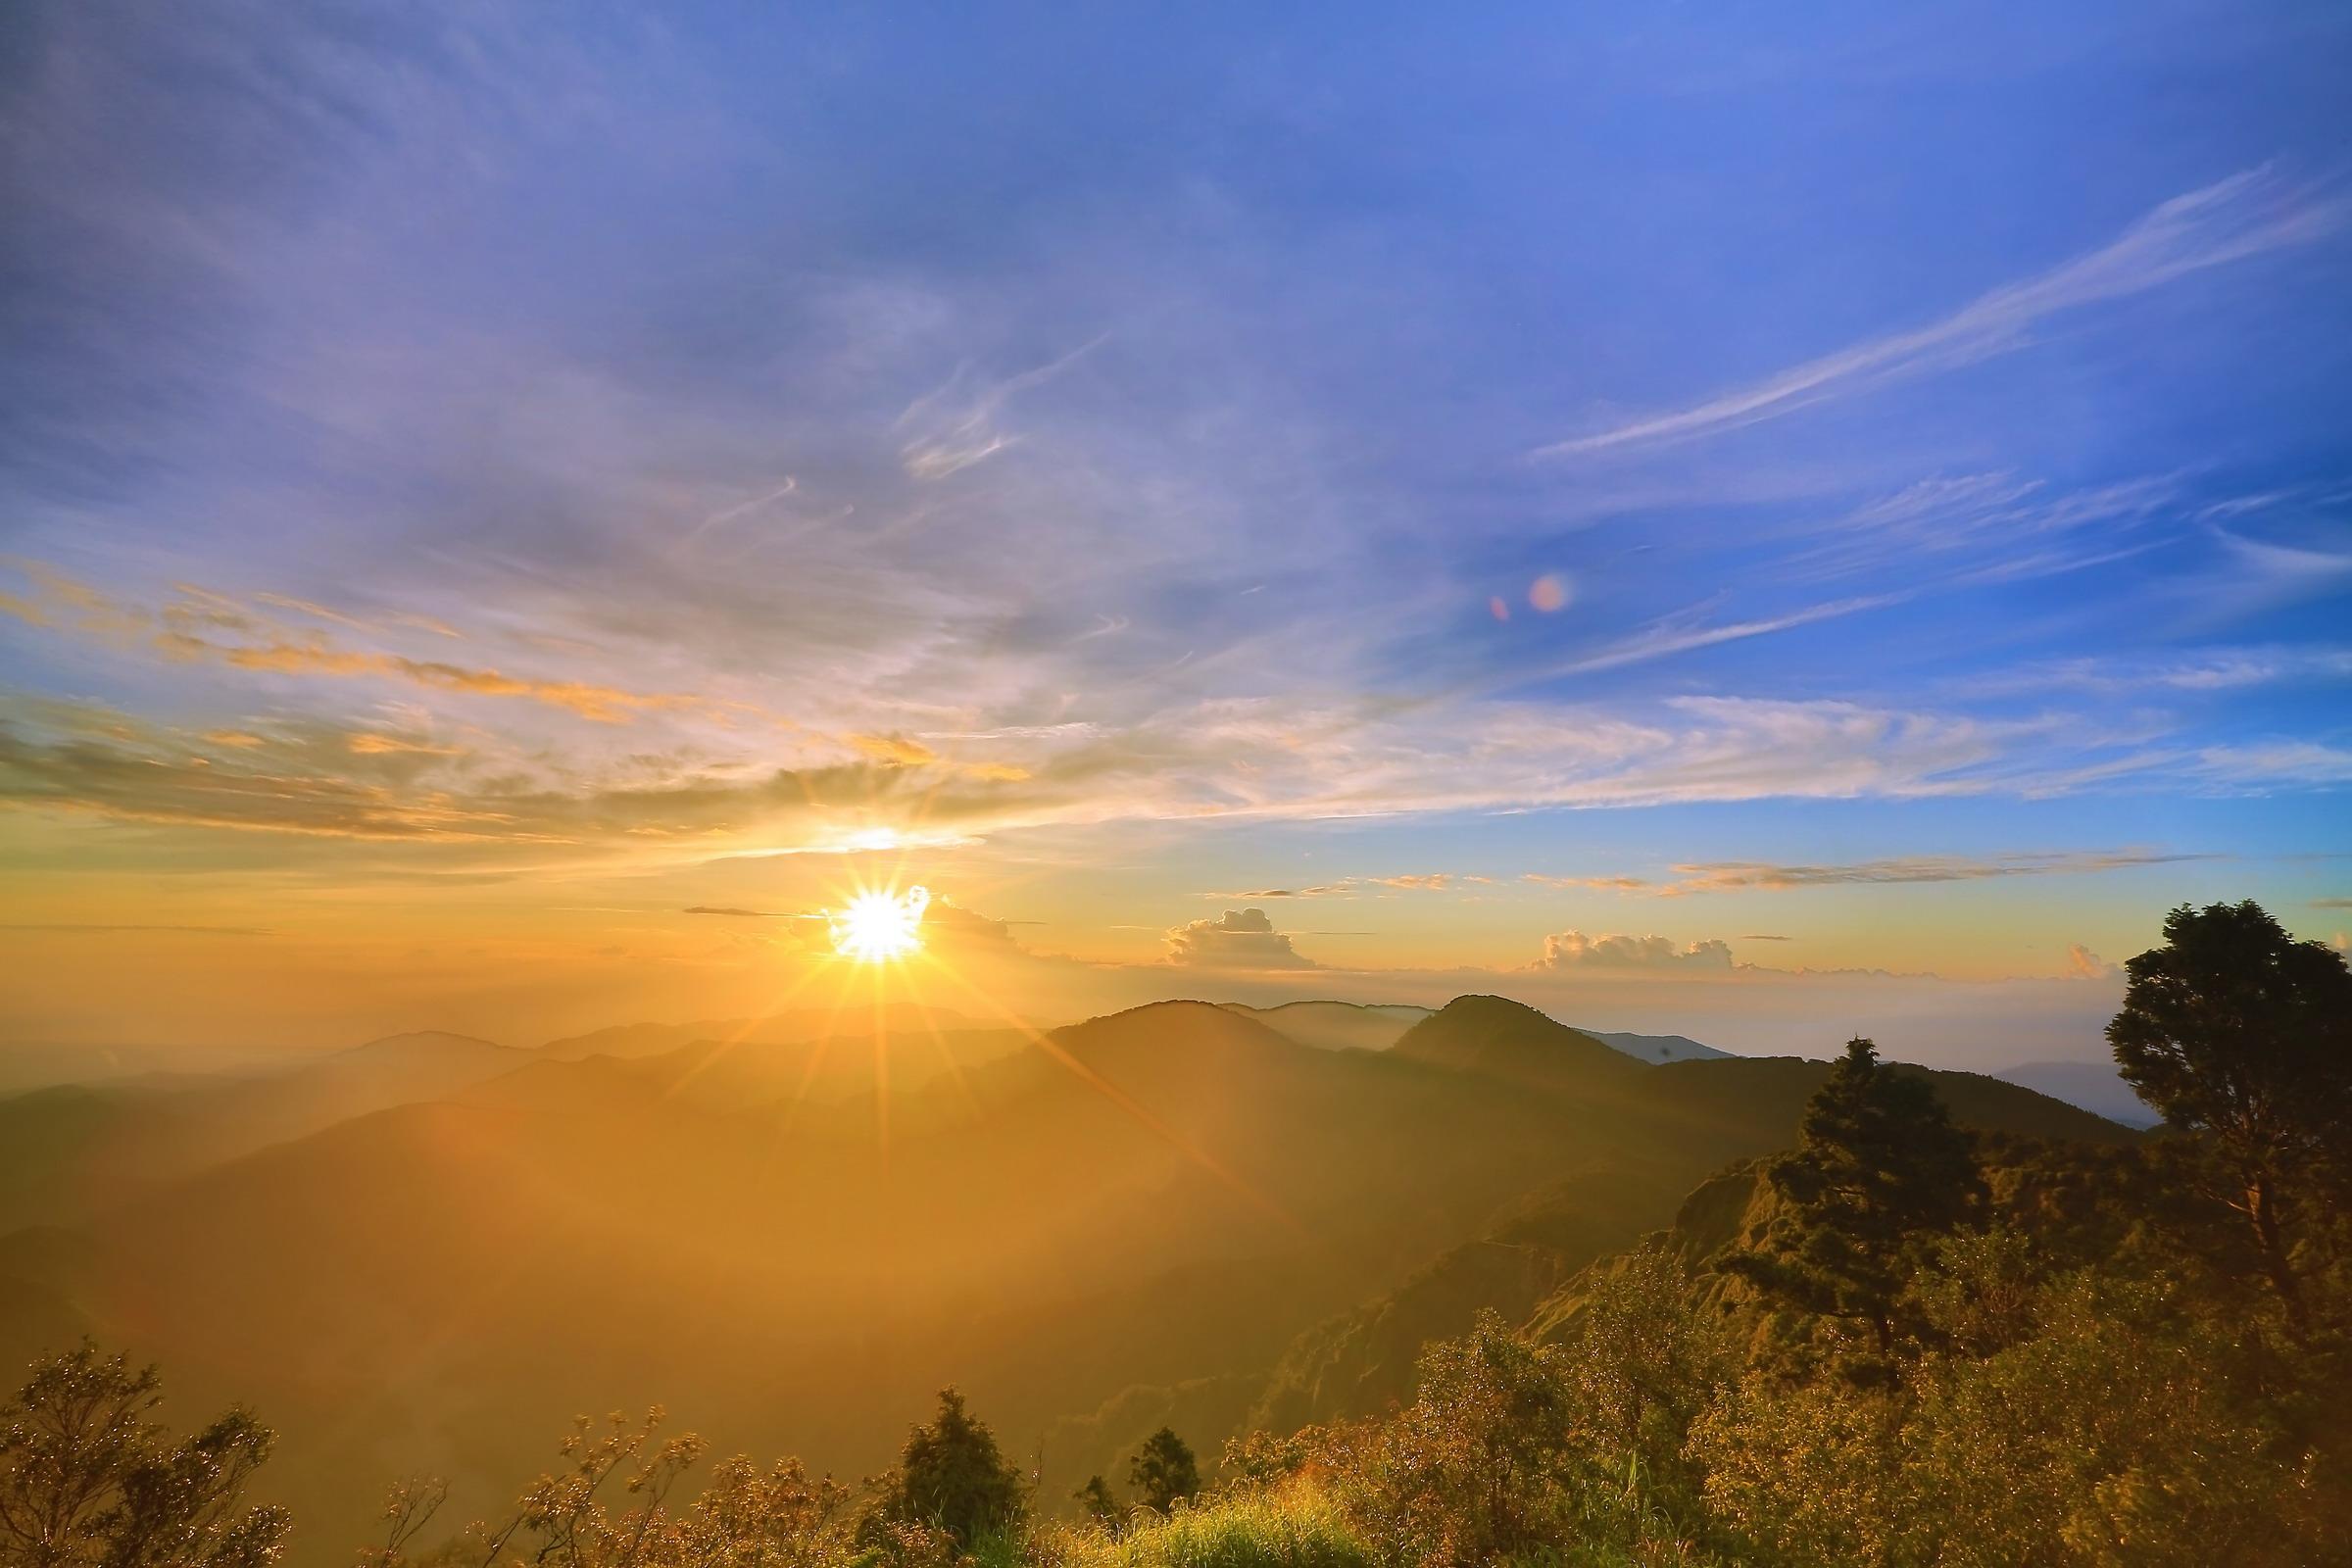 太平山國家森林遊樂區元旦當日提早在清晨三點開放入園,方便遊客上山追曙光。圖/太平山國家森林遊樂區官網